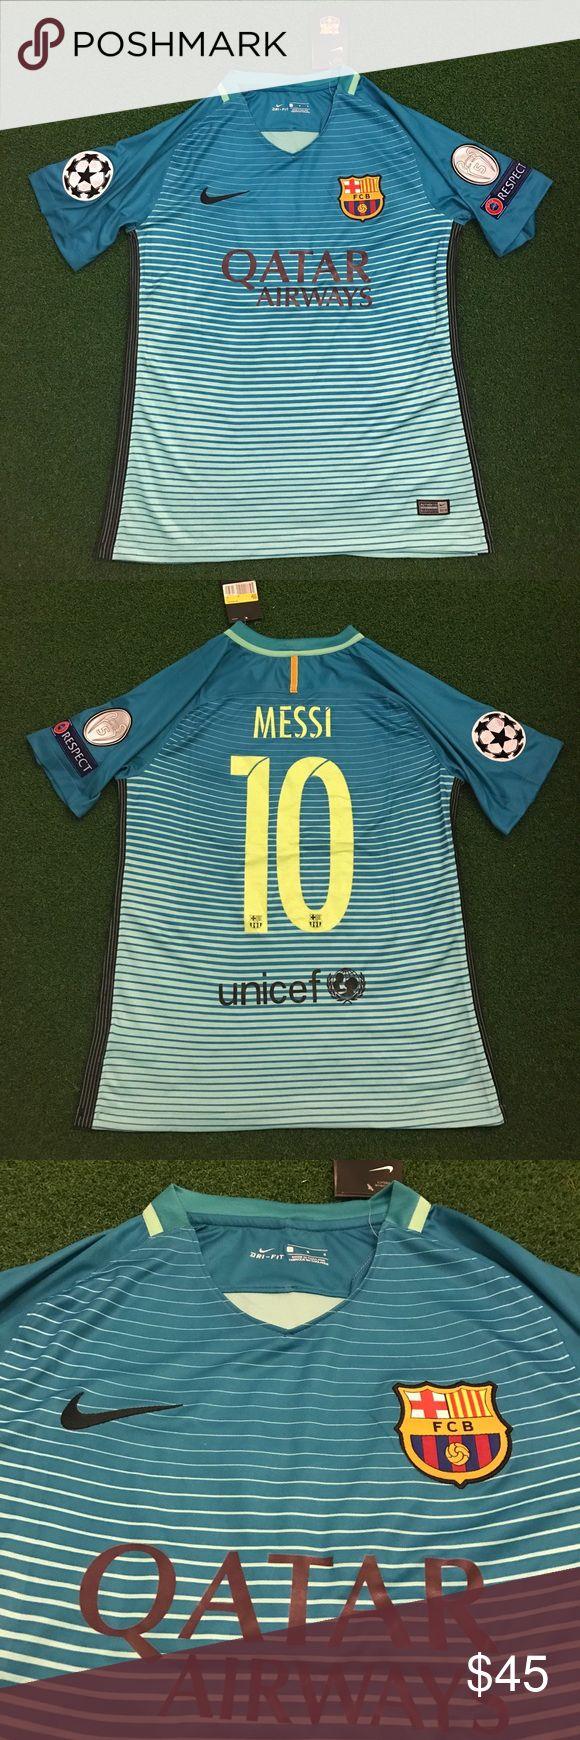 La liga de f tbol profesional laliga is a private non profit sports - Messi Barcelona Soccer Jersey Champions League Nwt